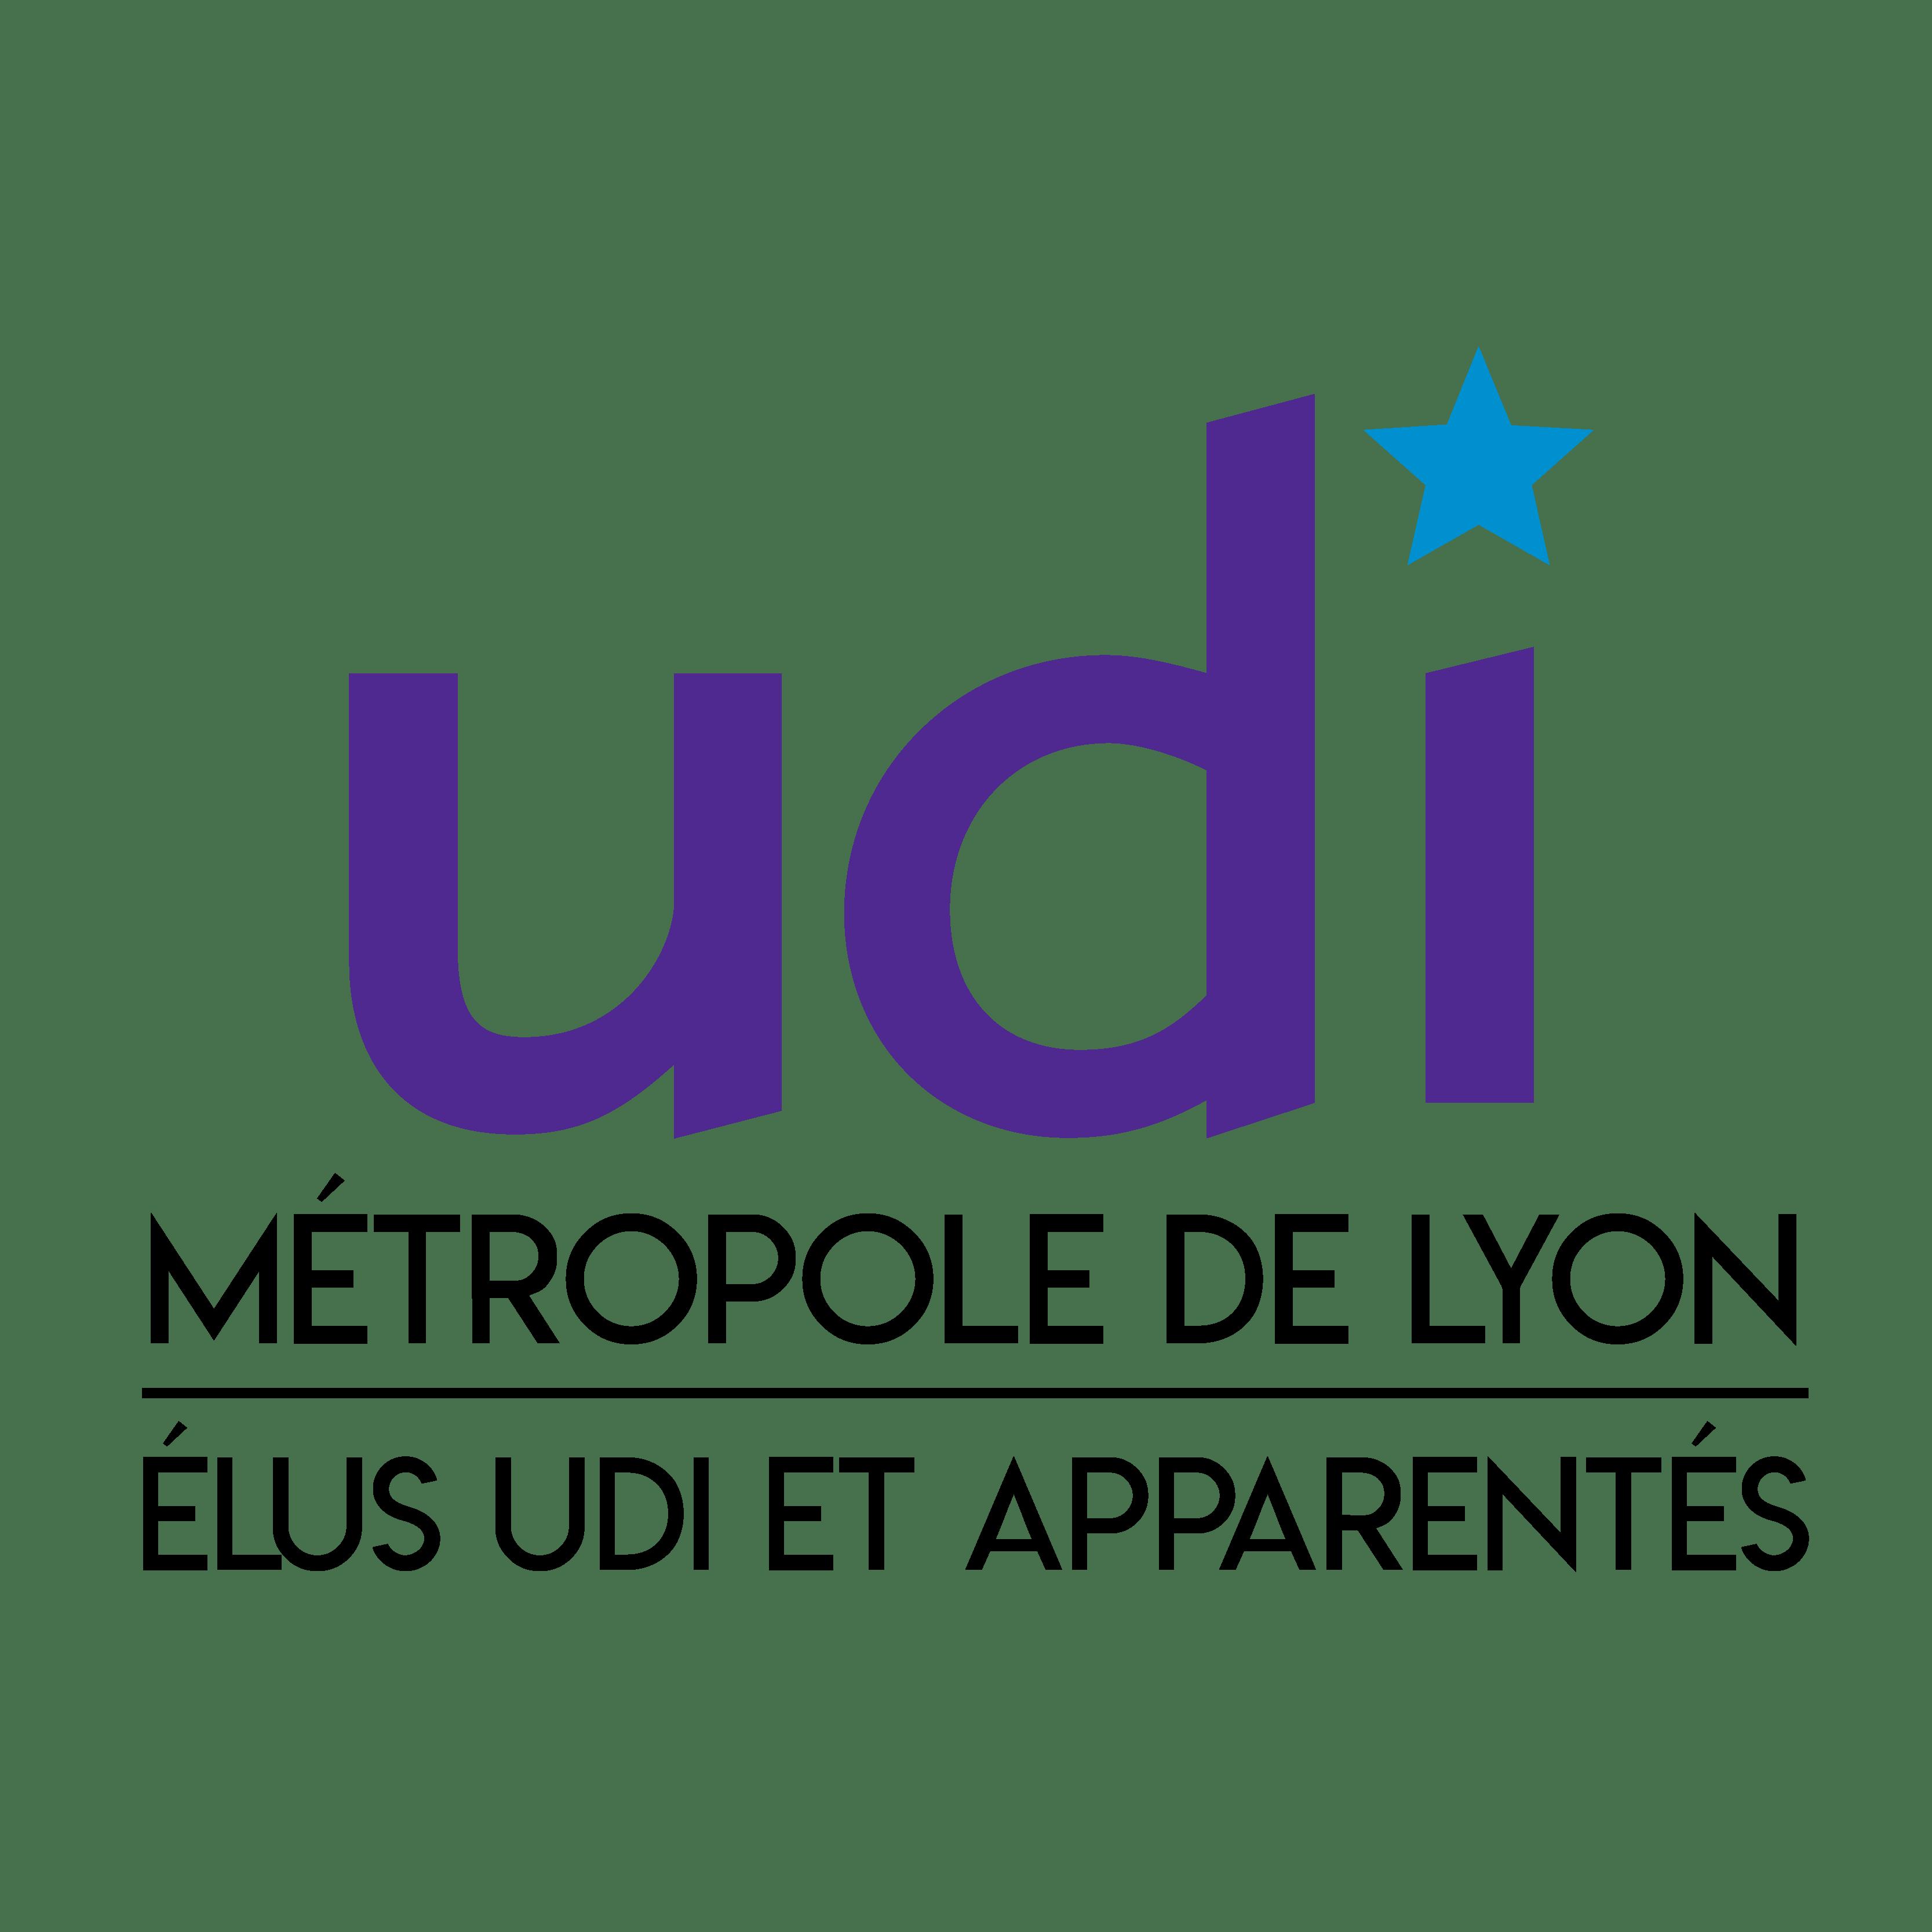 Logo groupe UDI et Apparentés Métropole de Lyon